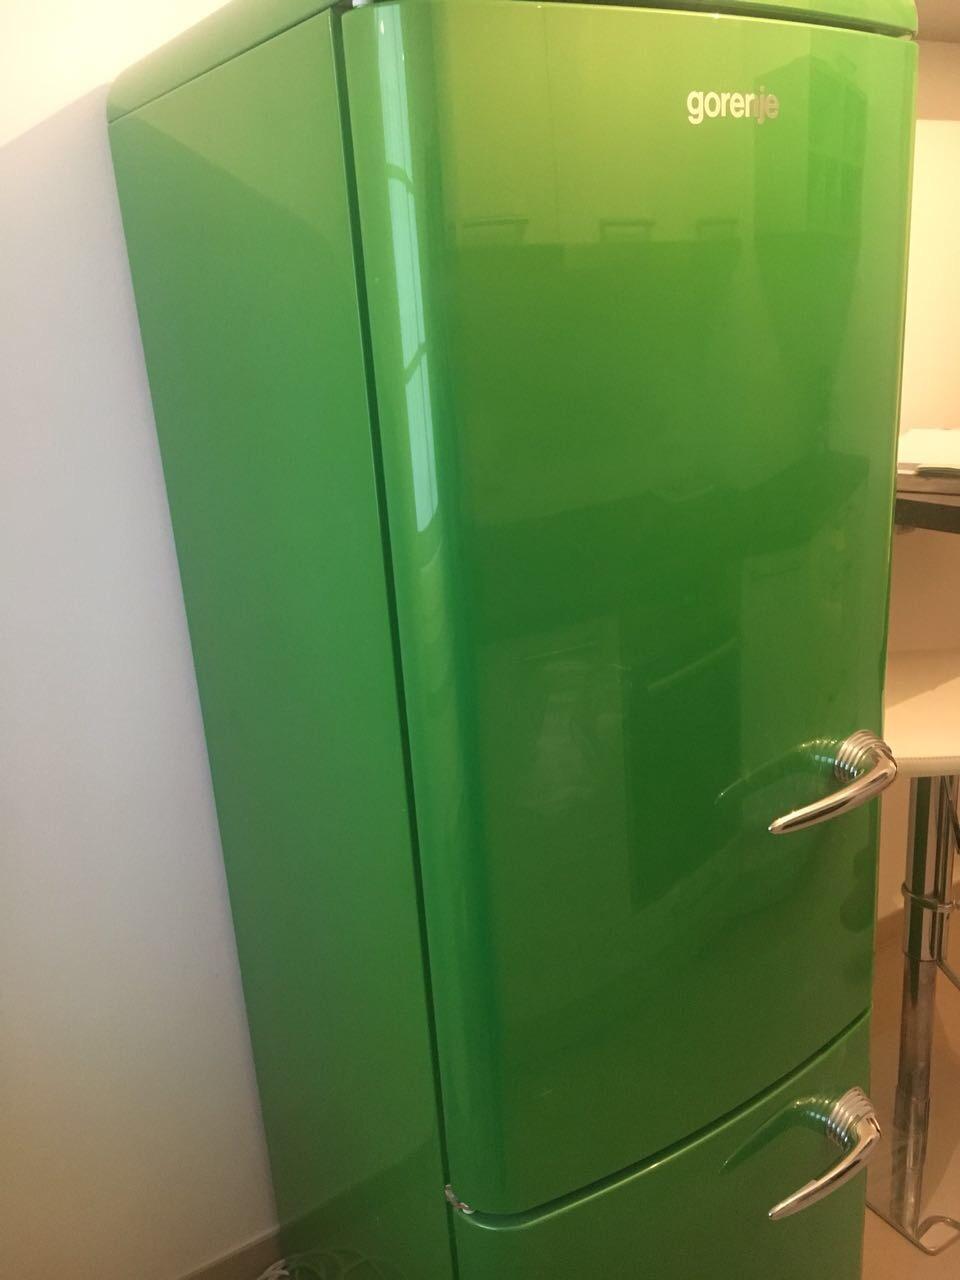 Gorenje Kühlschrank Grün : Gebraucht gorenje kühlschrank retro grün in münchen um